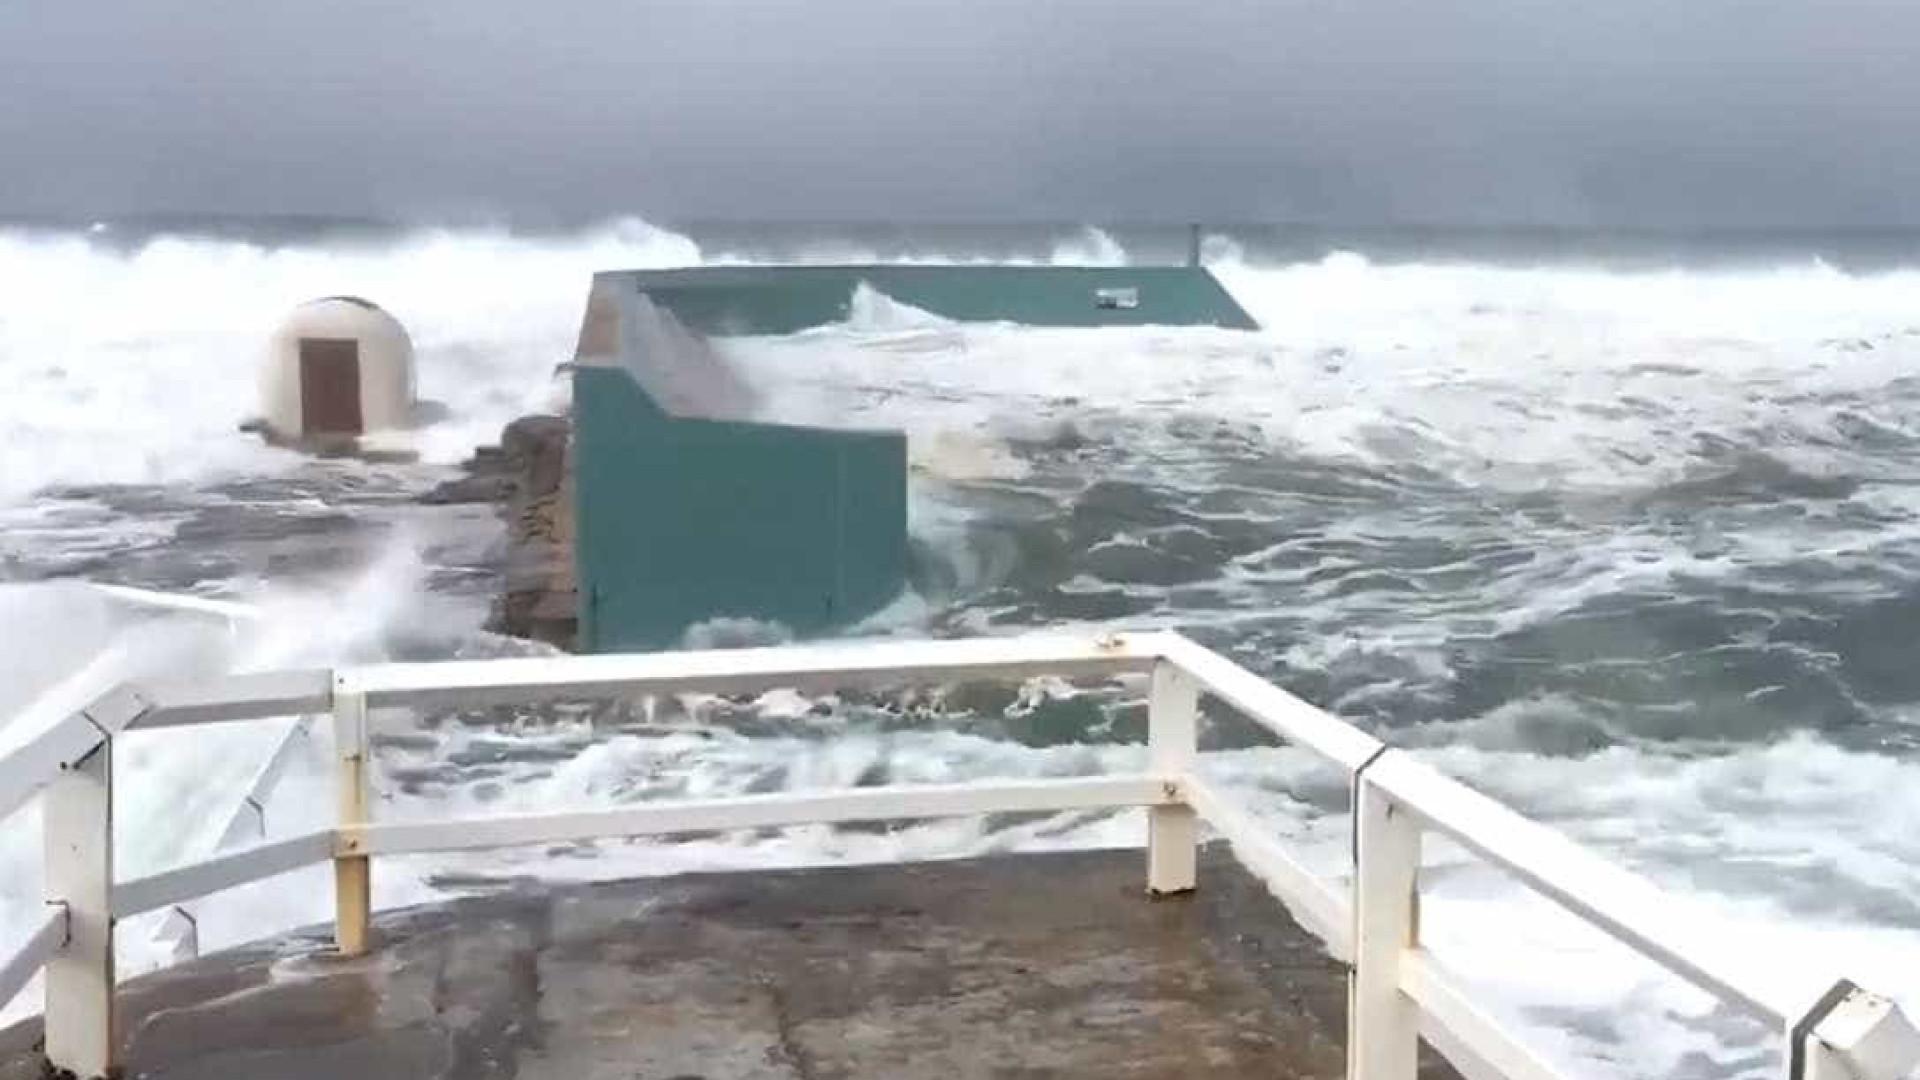 Ondas gigantes invadem piscina pública na Austrália